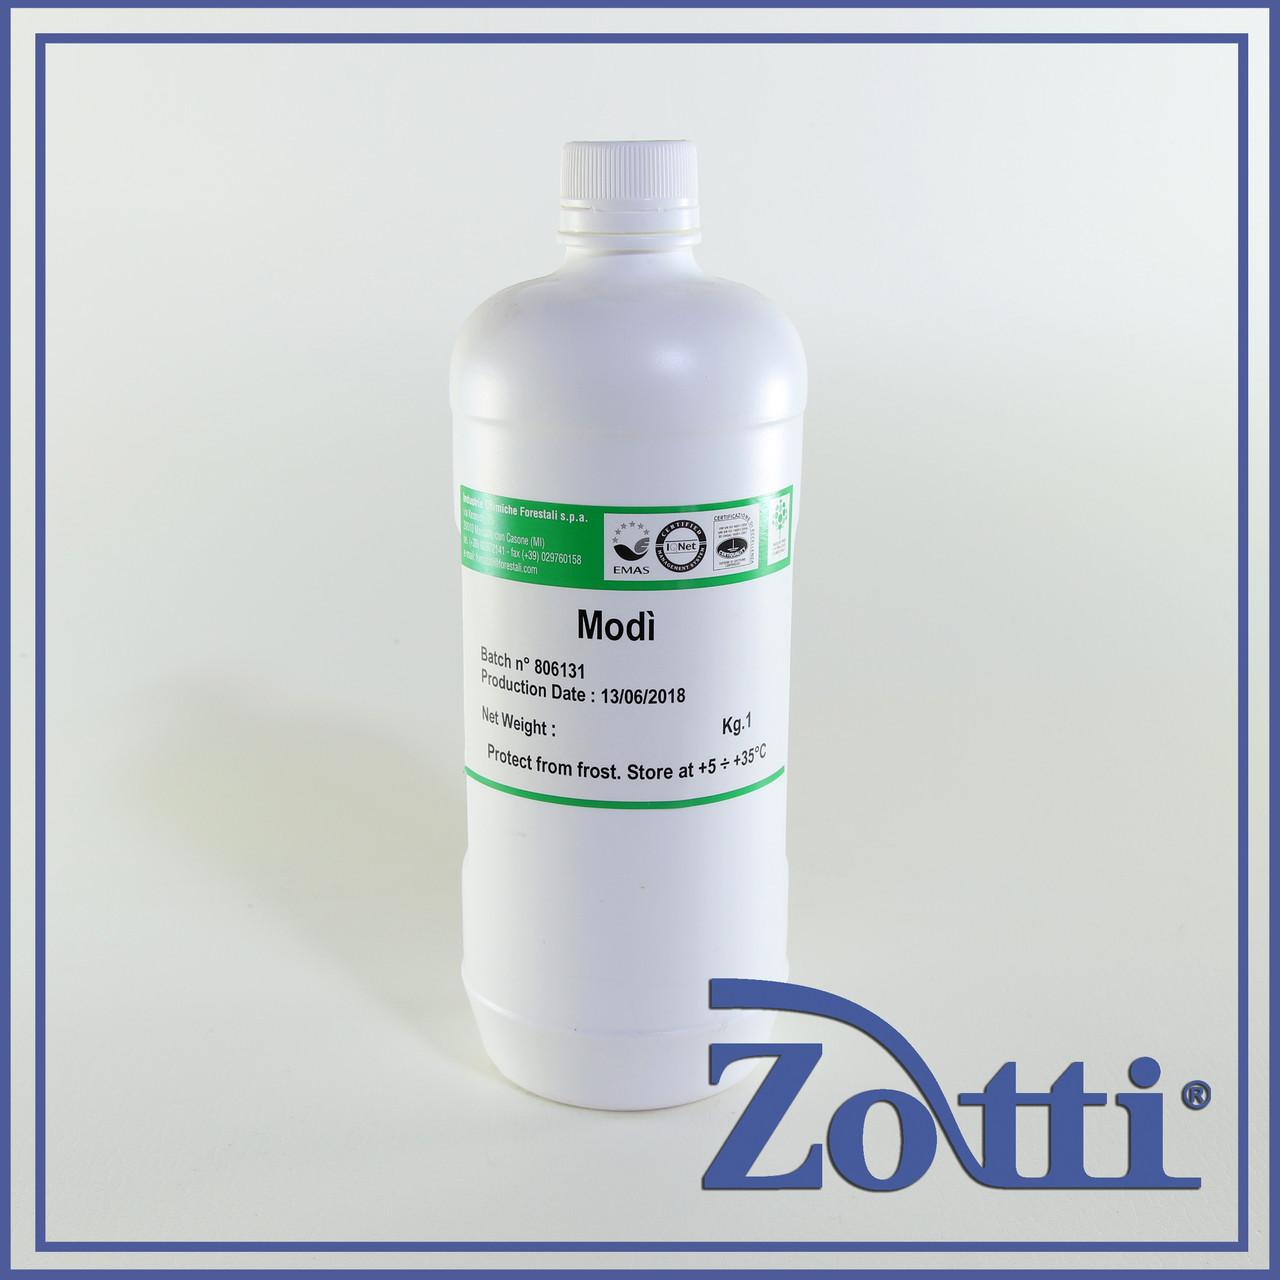 Размягчитель для кожи (мягчитель для кожи) MODI - 1л (Италия)